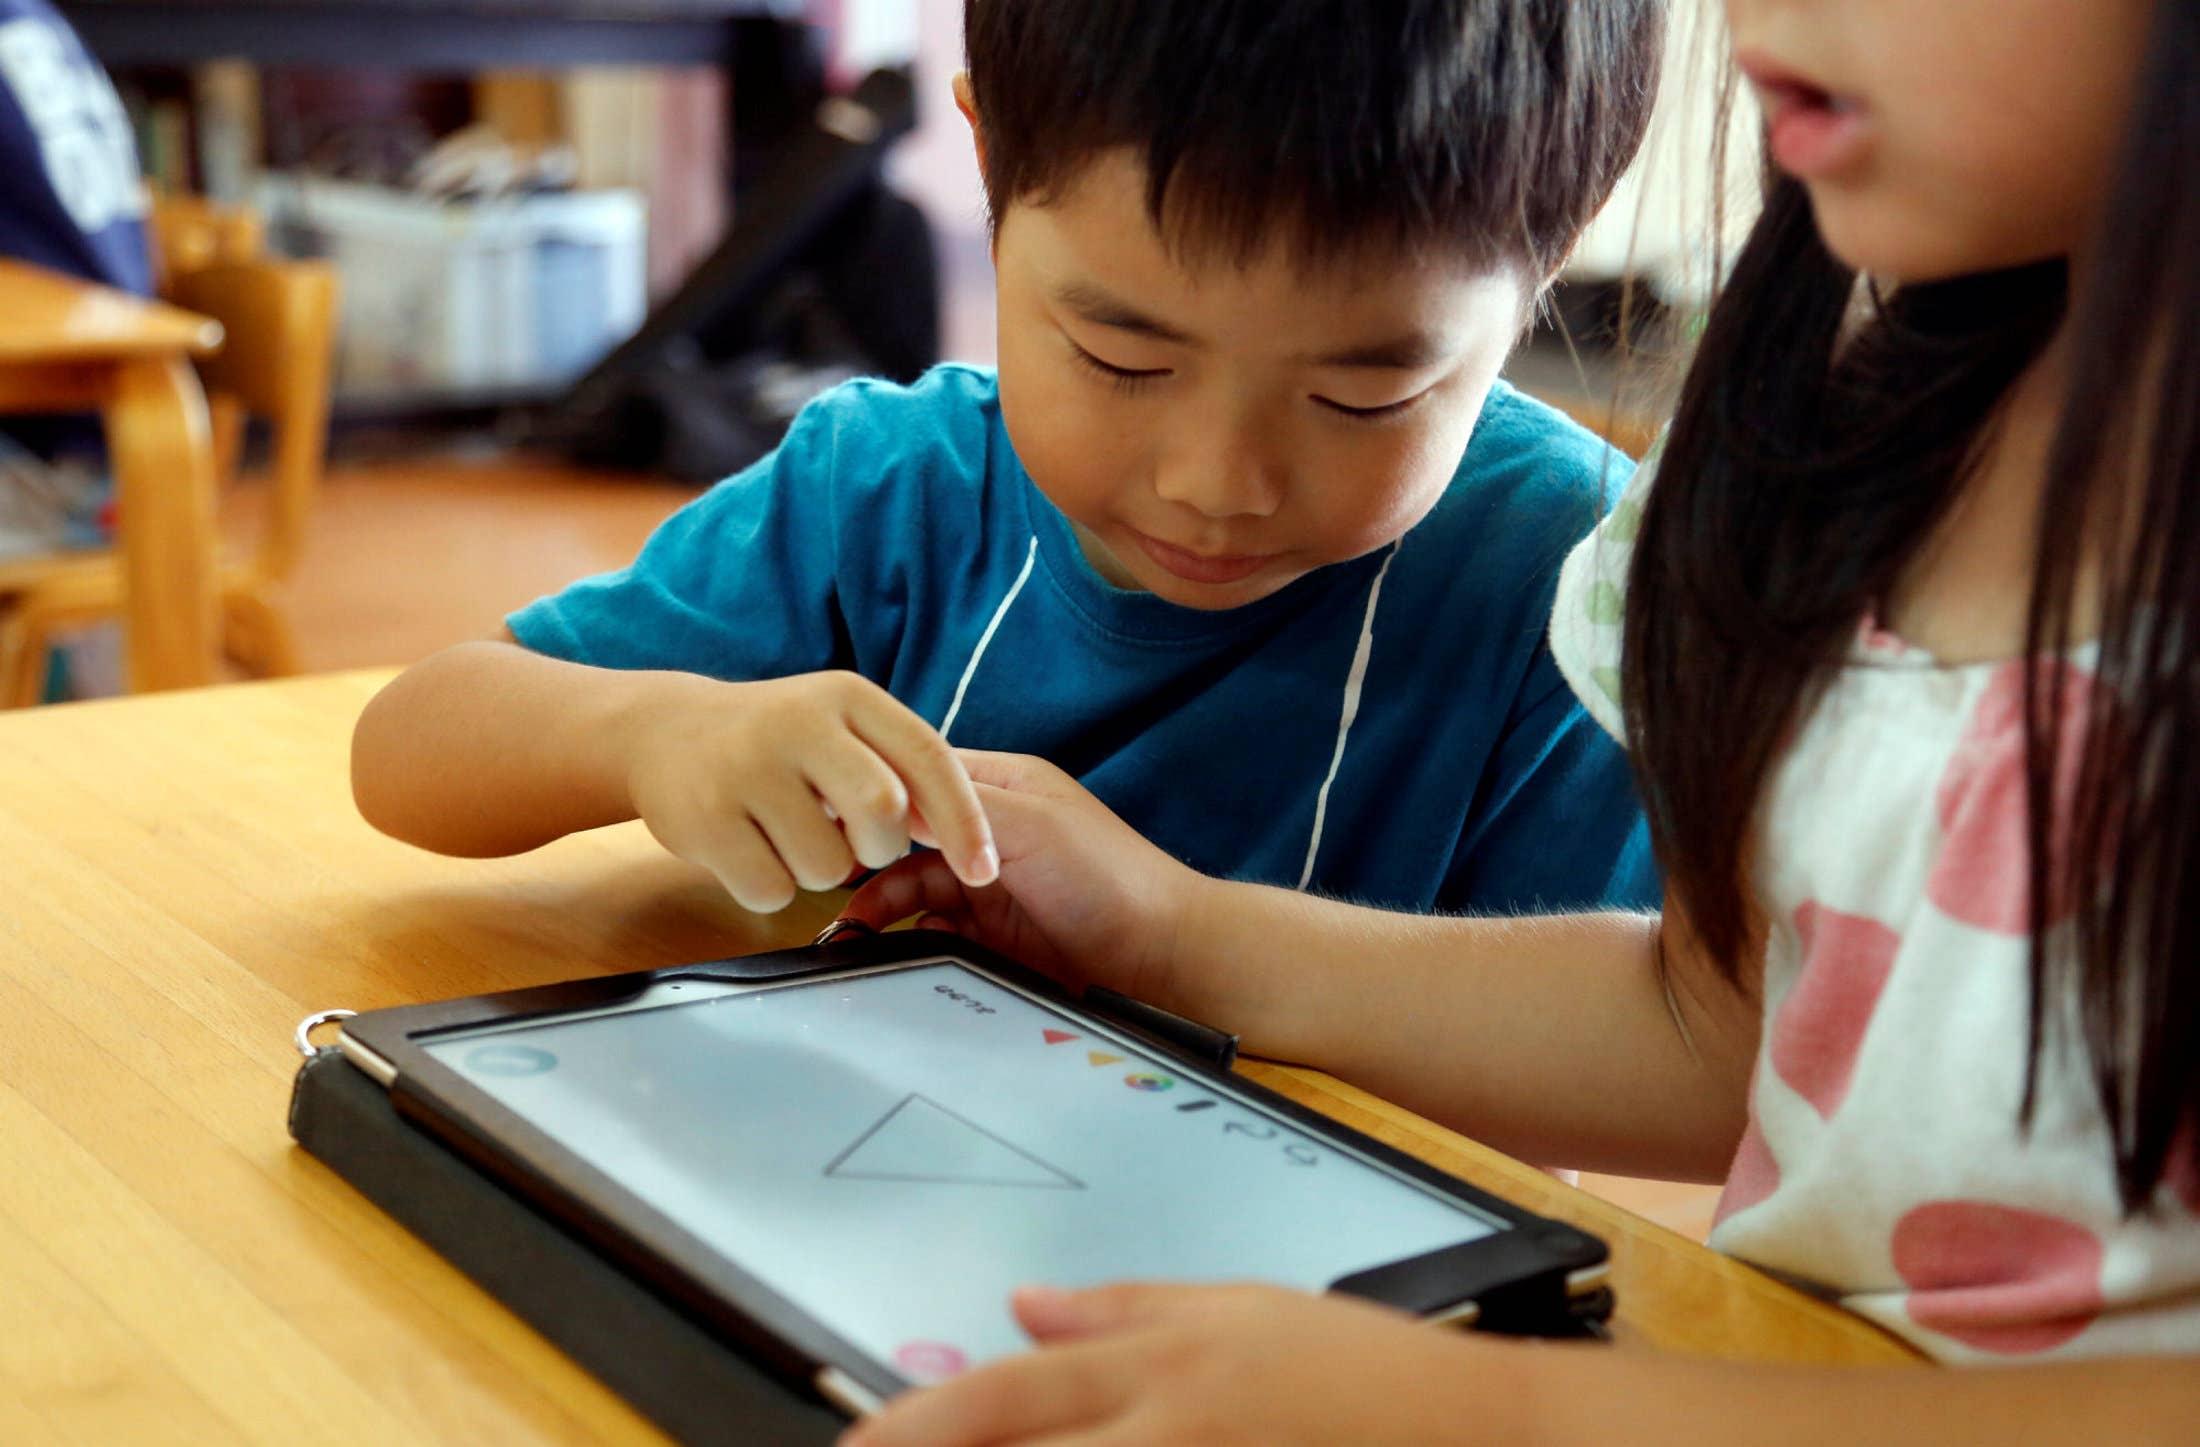 Máy tính bảng thường phù hợp với độ tuổi học online từ 7 - 10 tuổi. Ảnh: AP